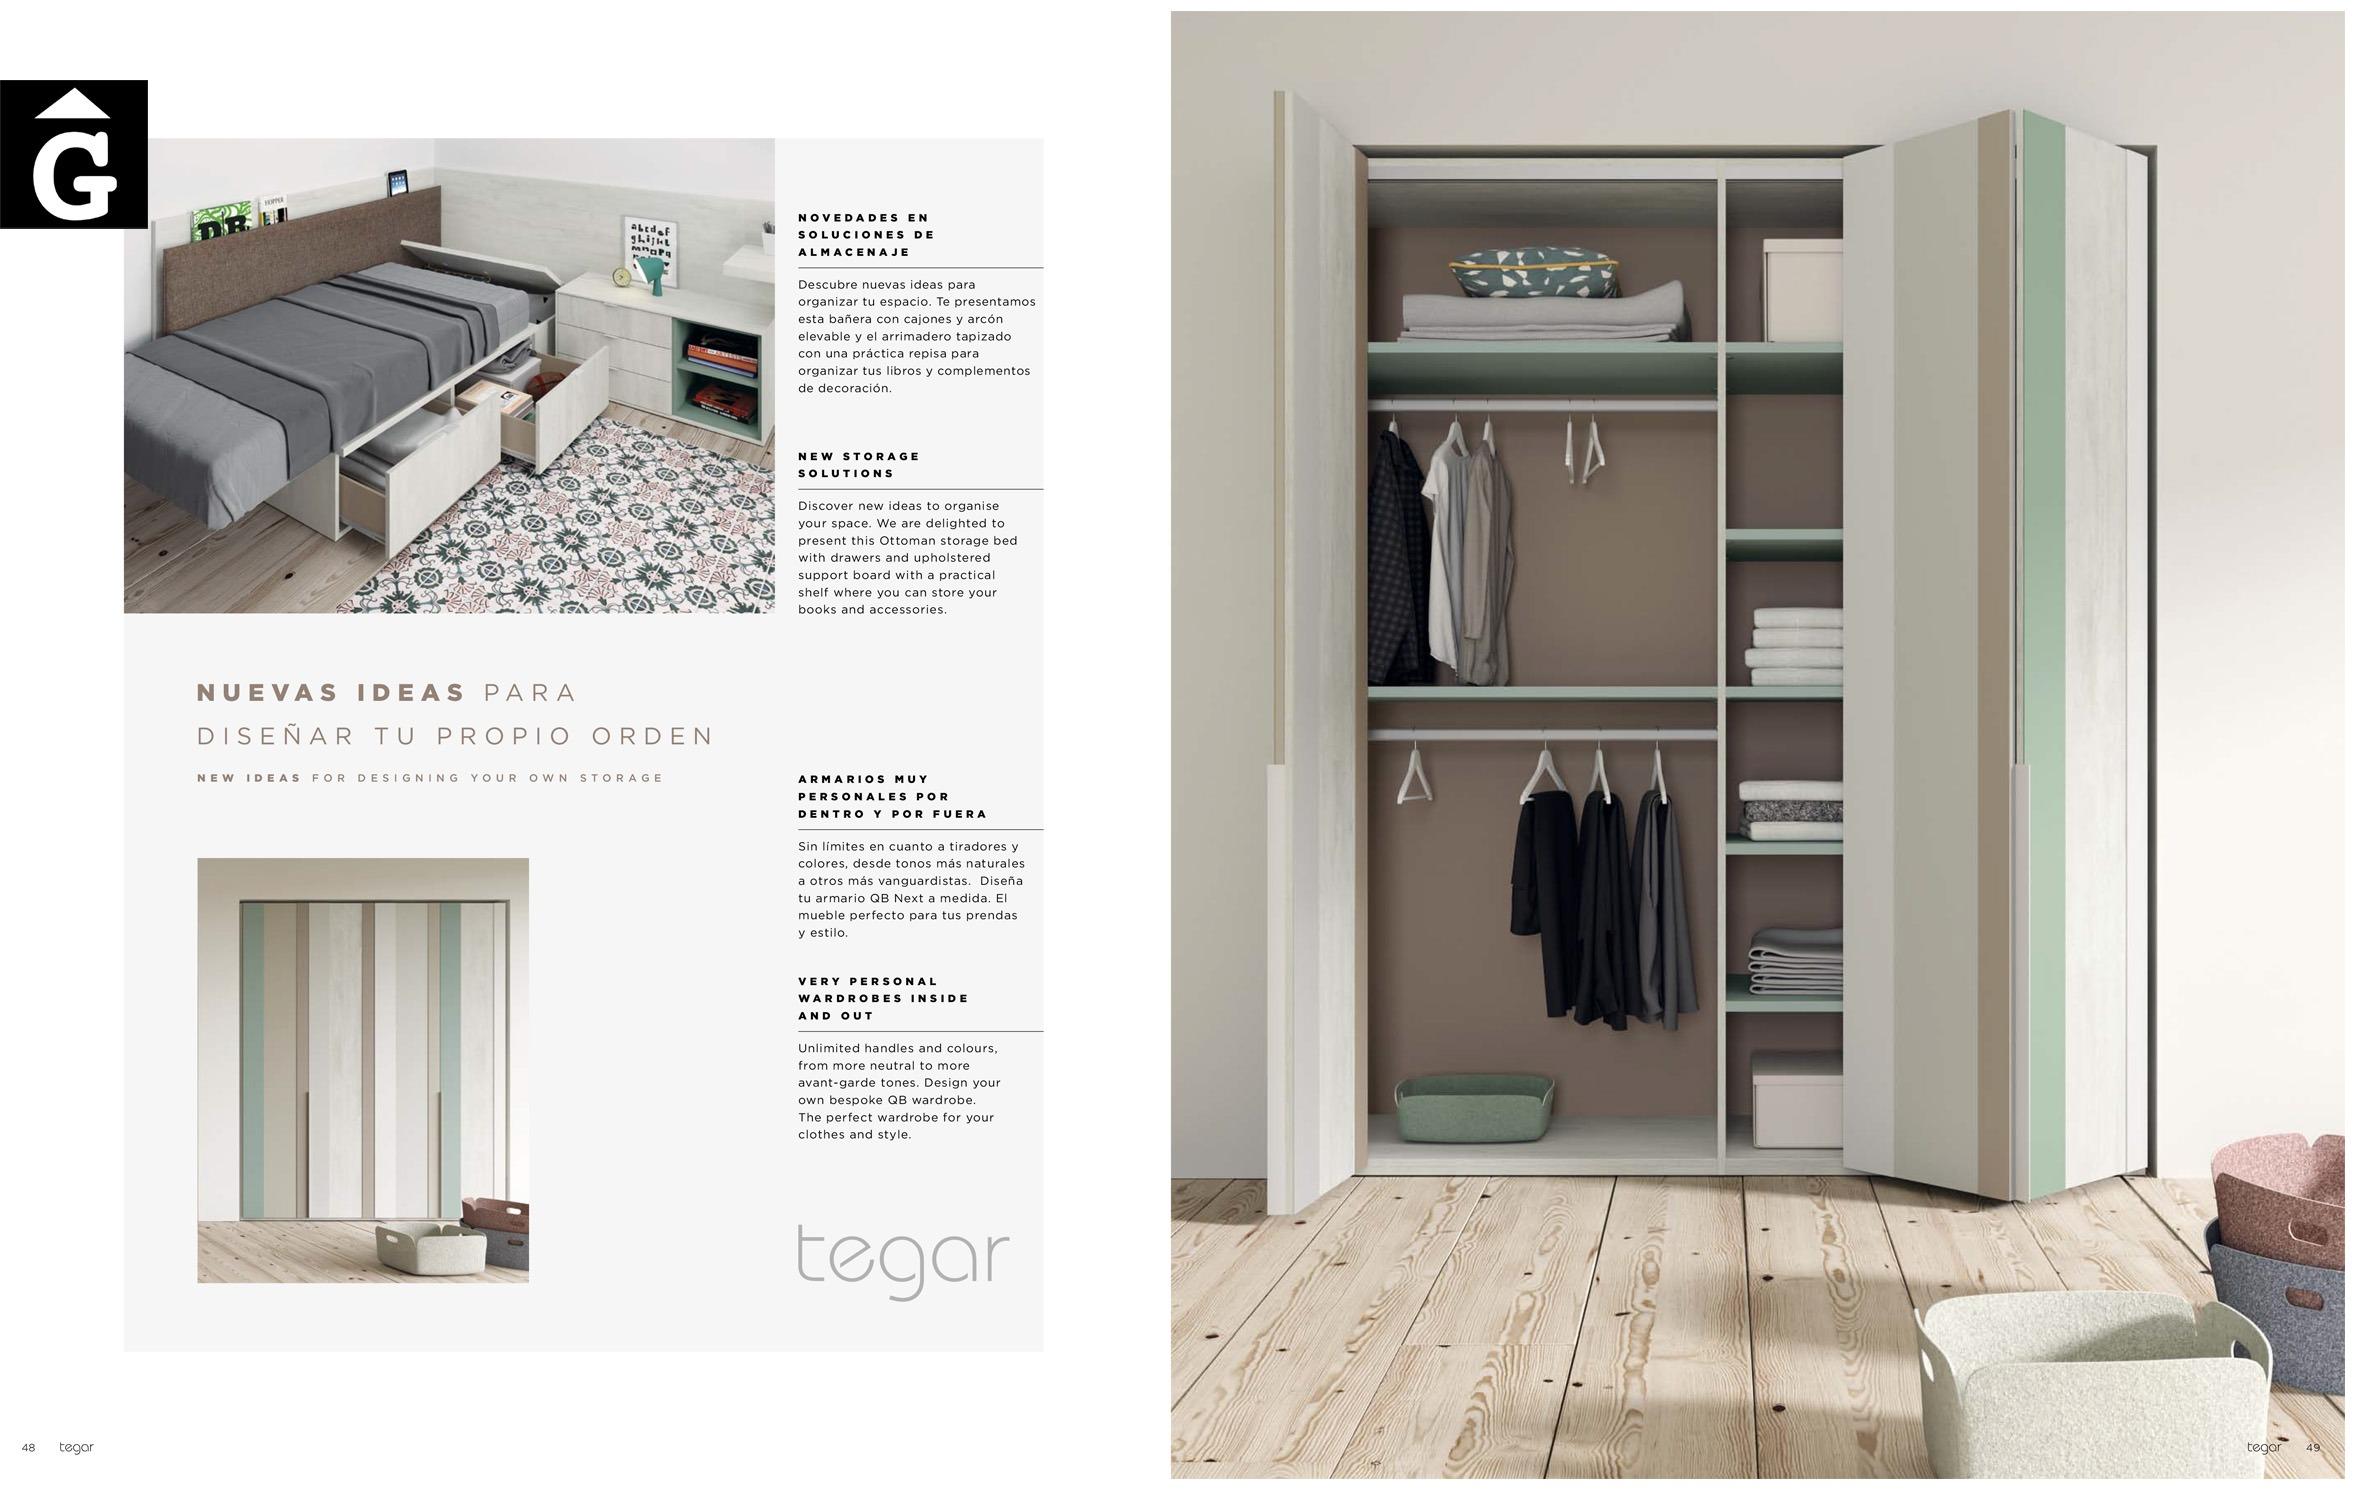 26 QB NEXT Tegar by nobles GIFREU Girona modern minim elegant atemporal